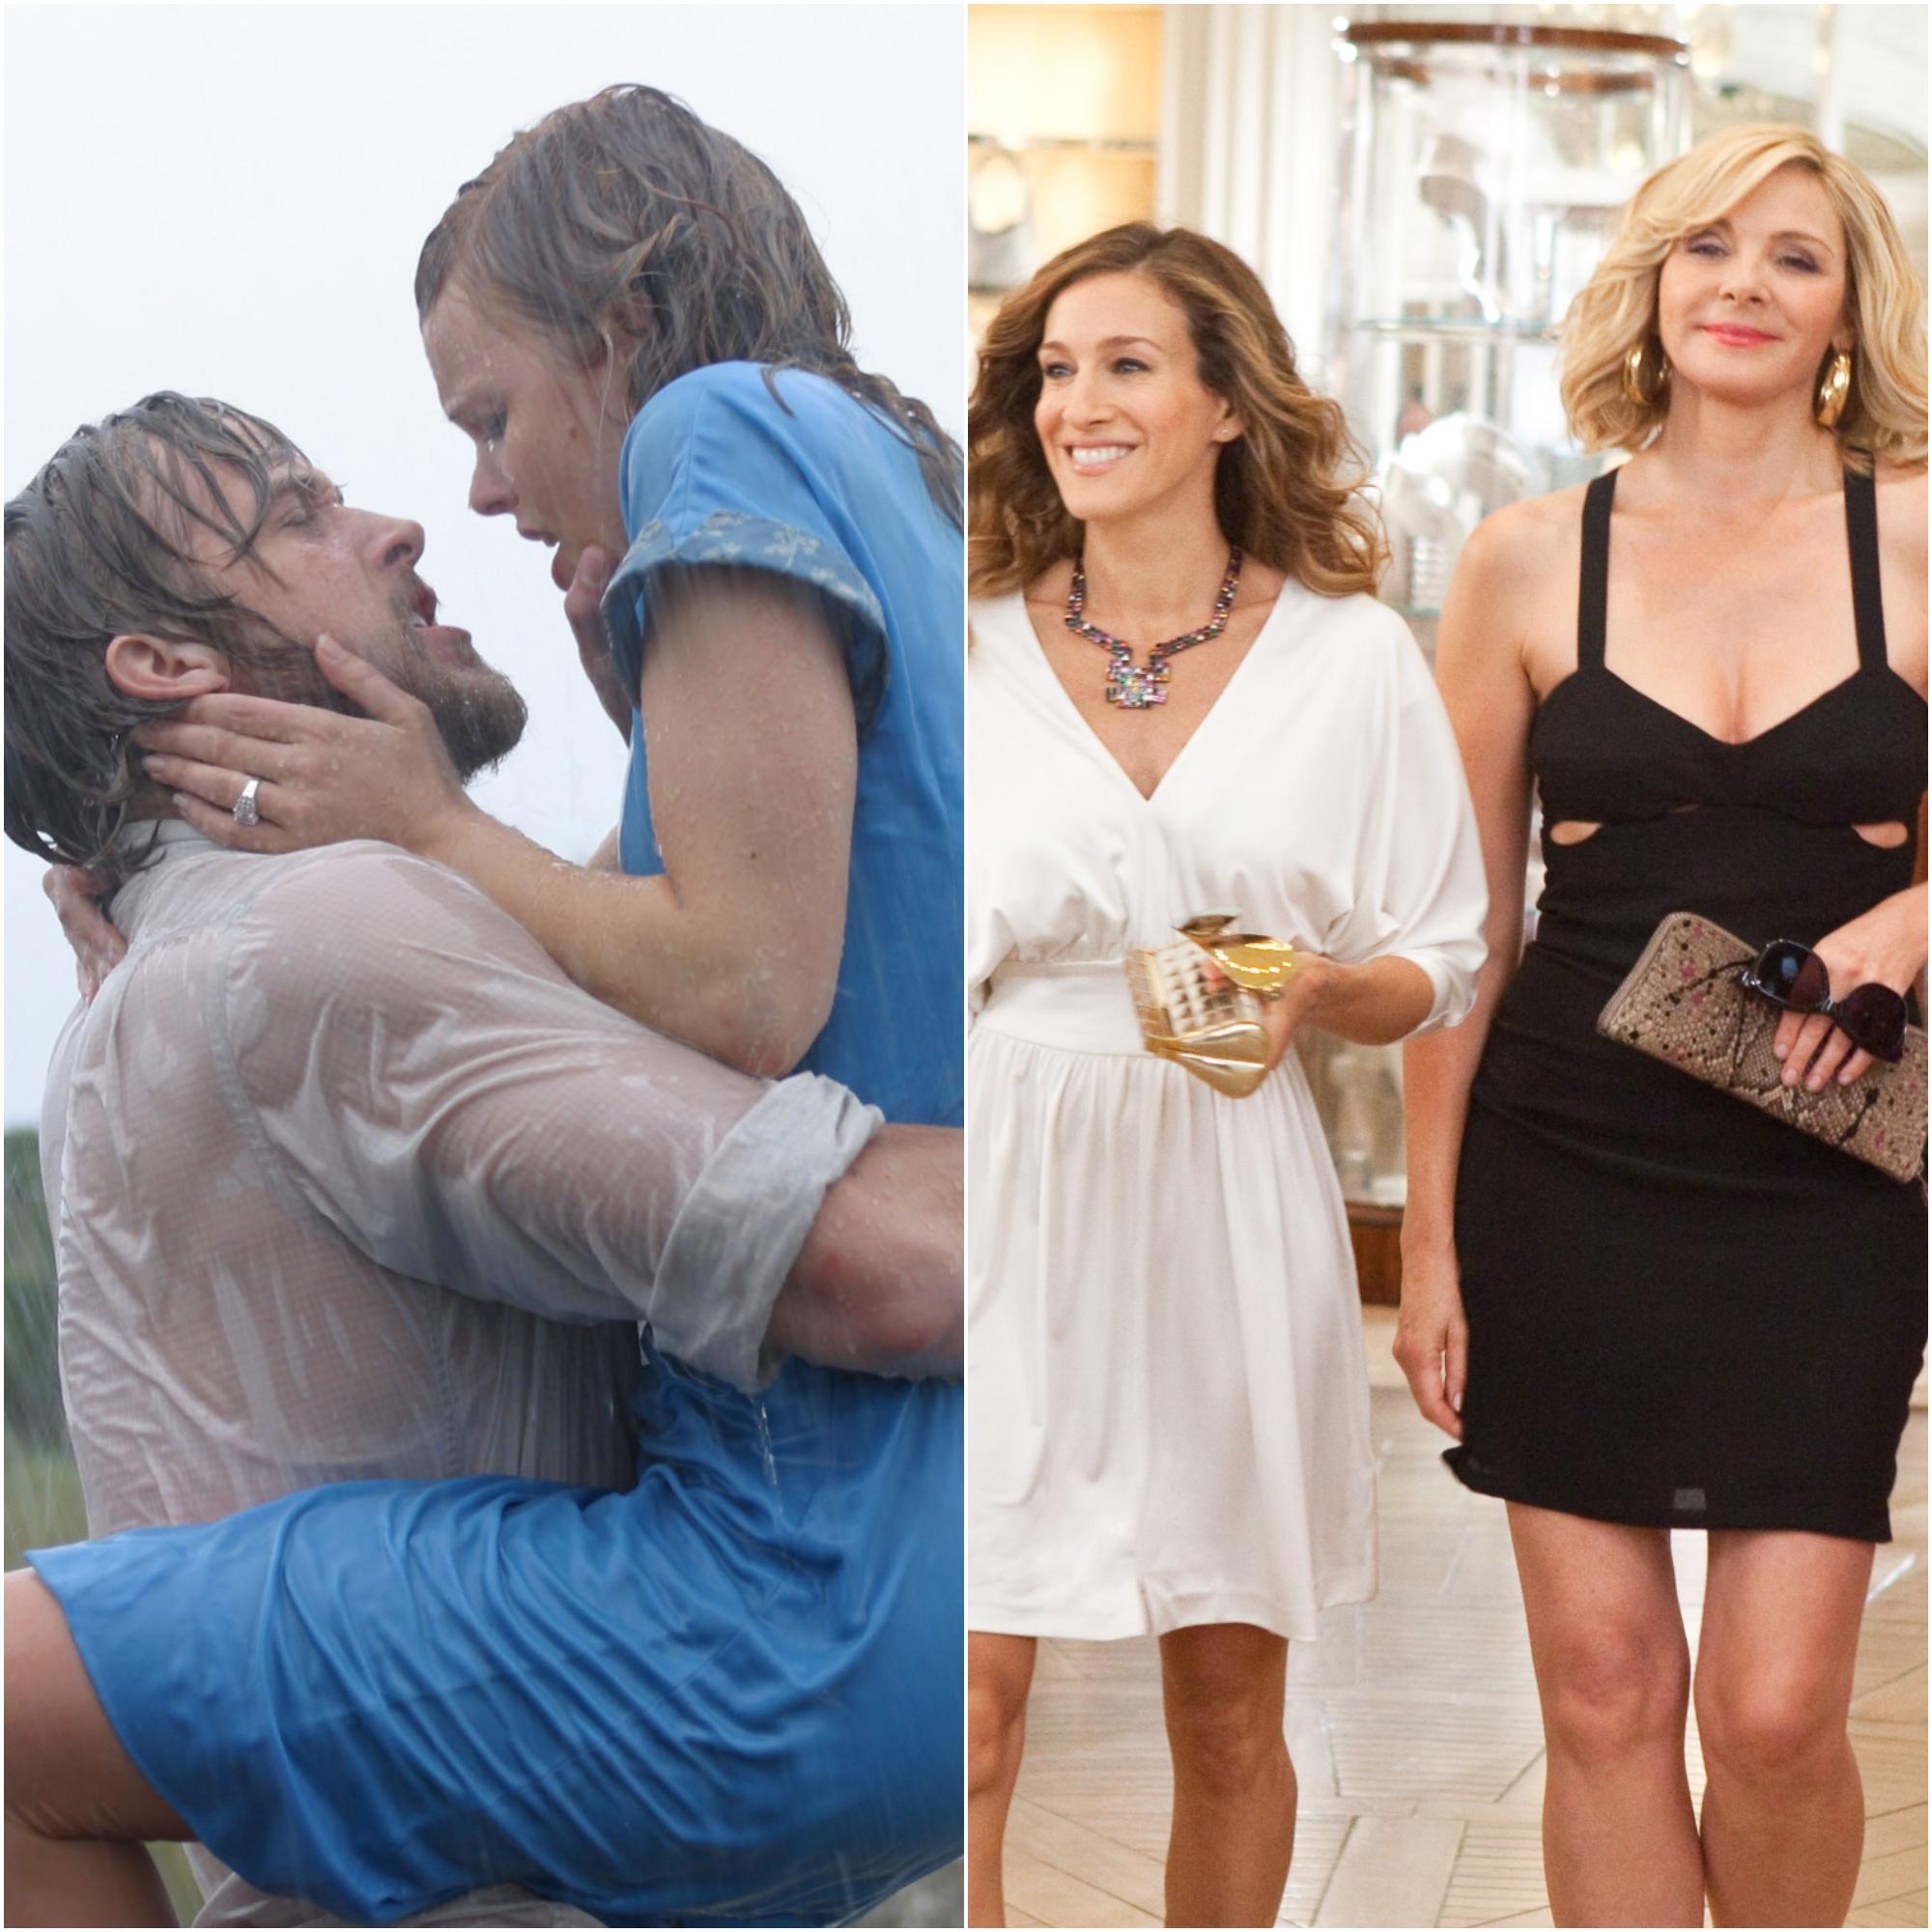 Ryan rachel gosling and mcadams Rachel McAdams